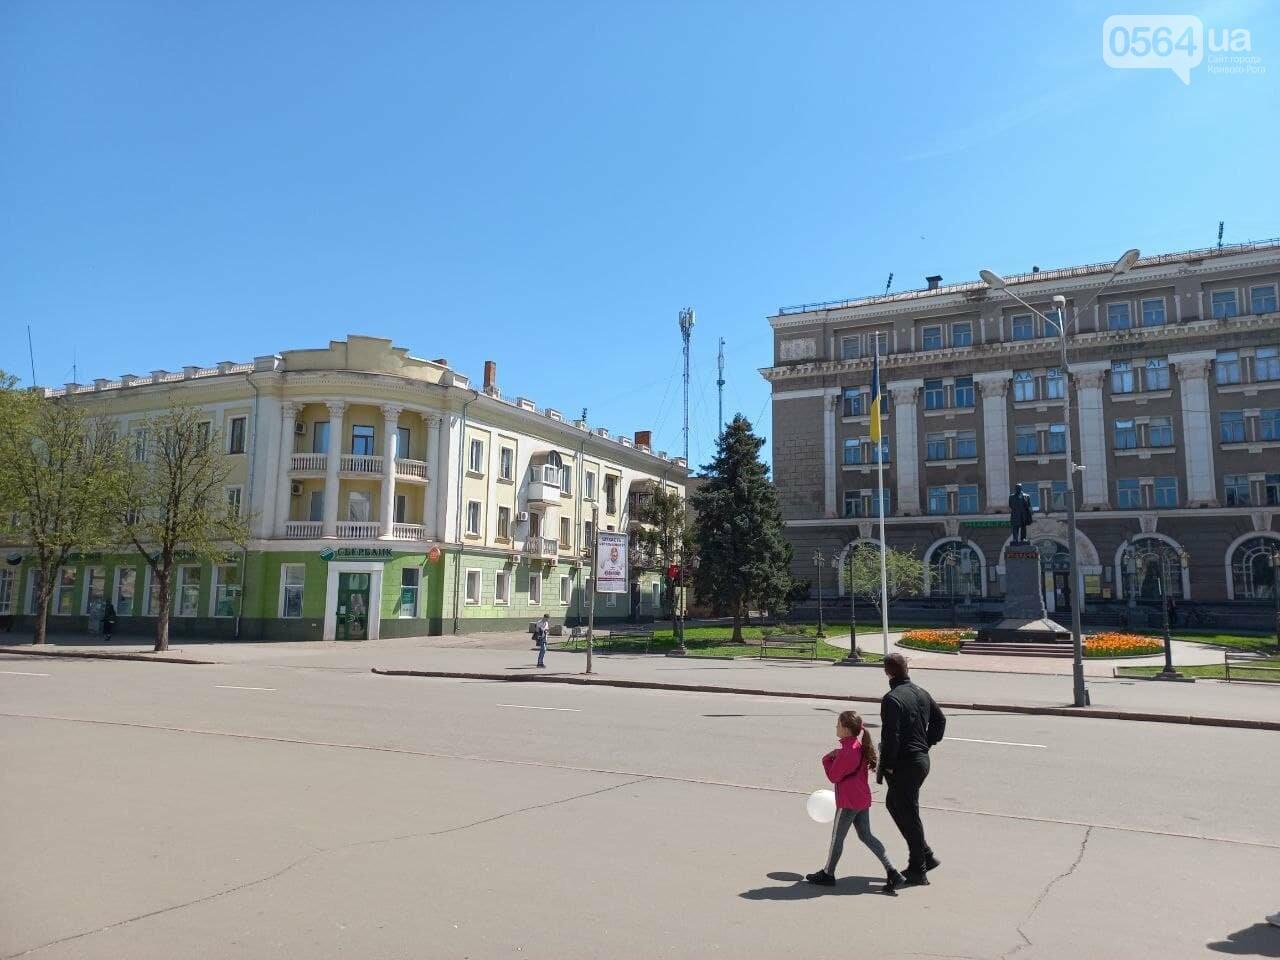 """Новый """"гранд-отель""""  в Кривом Роге попытались гармонизировать с пространством исторического проспекта, - ФОТО, фото-2"""